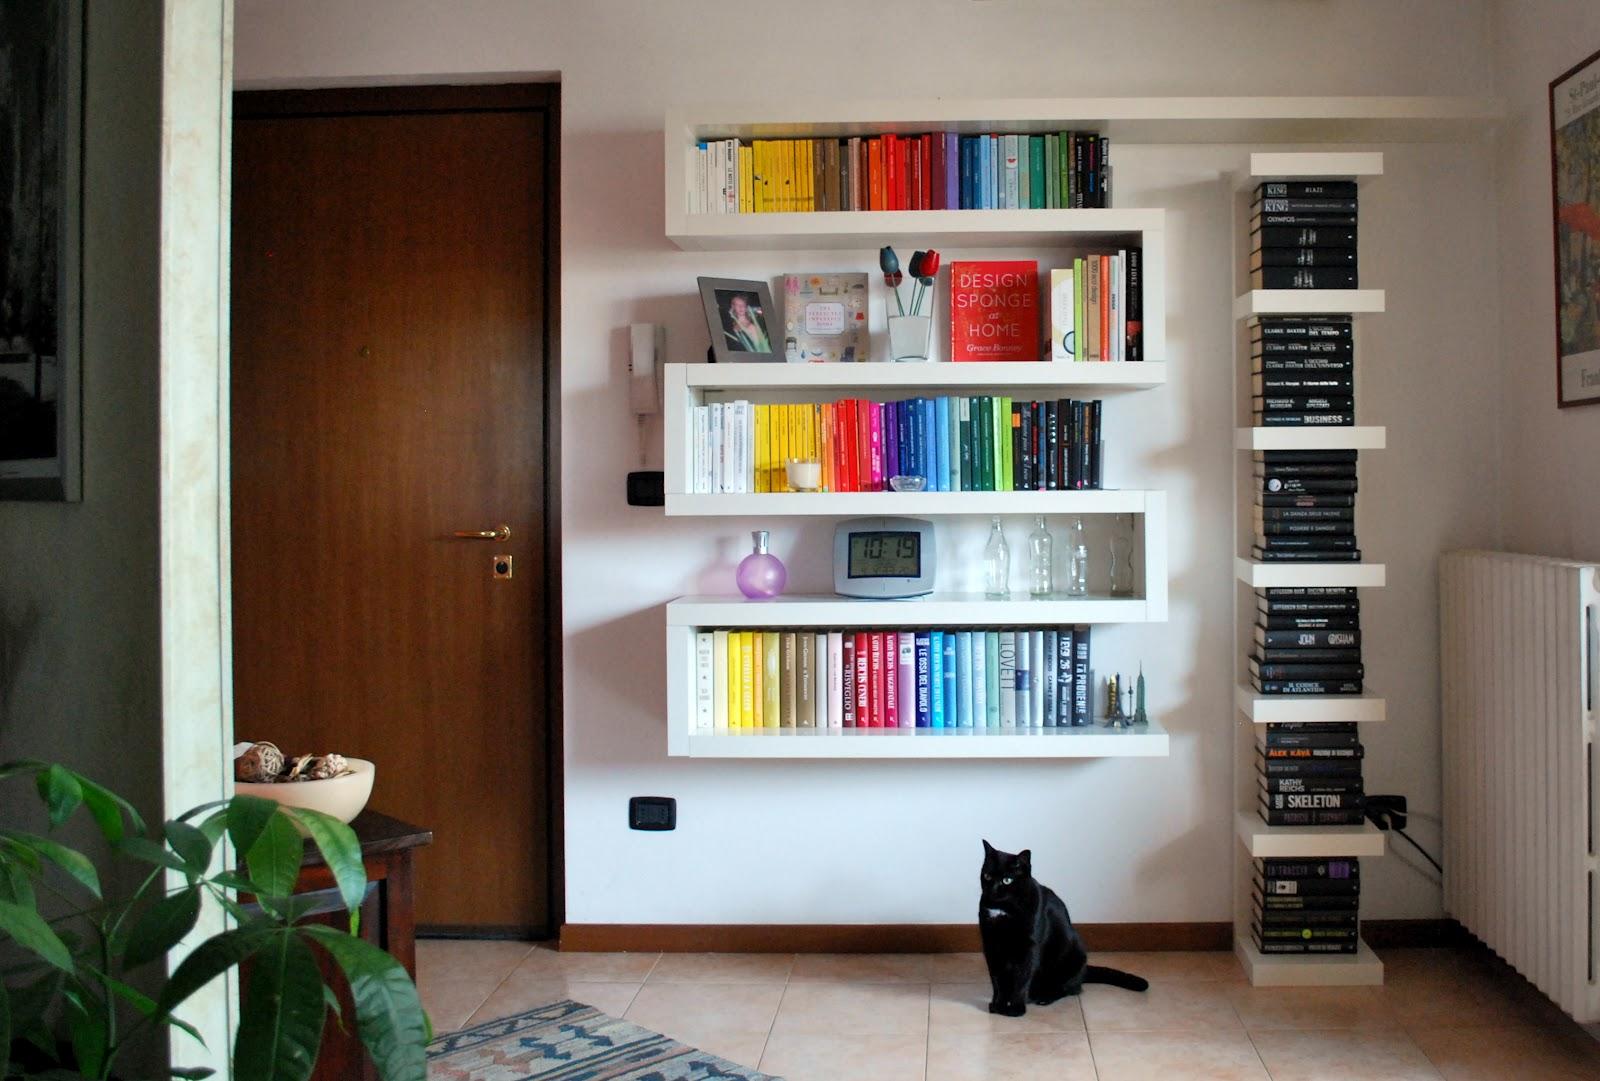 Le donne non sanno scrivere la mia nuova libreria non for Cubi libreria ikea